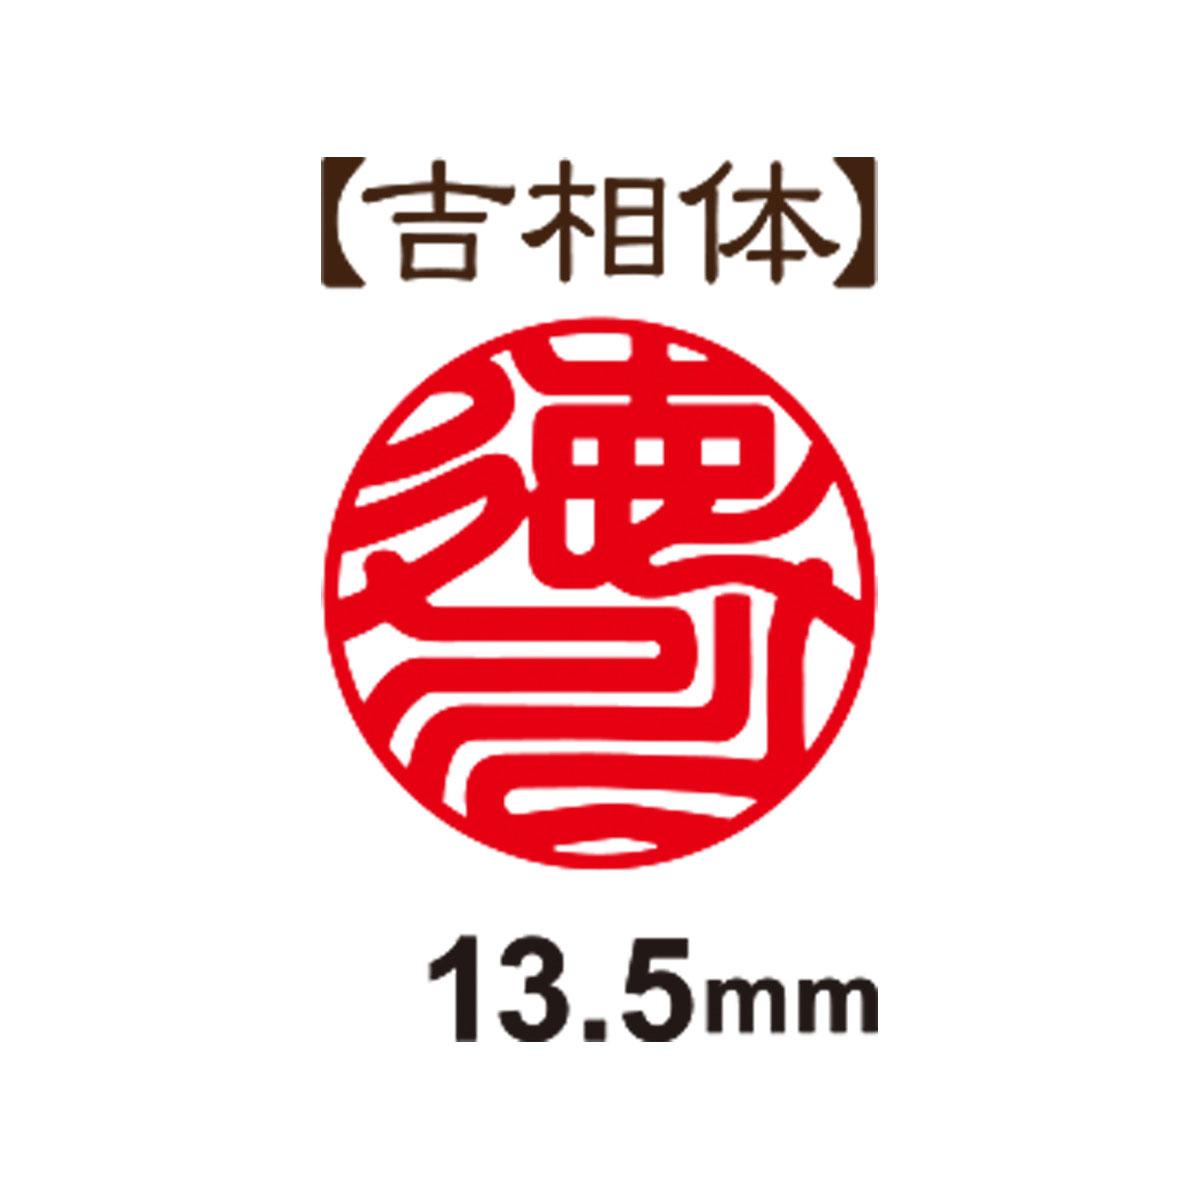 印鑑 芯持黒水牛 13.5mm 牛革セーフティー印鑑ケース 銀行印・実印向き